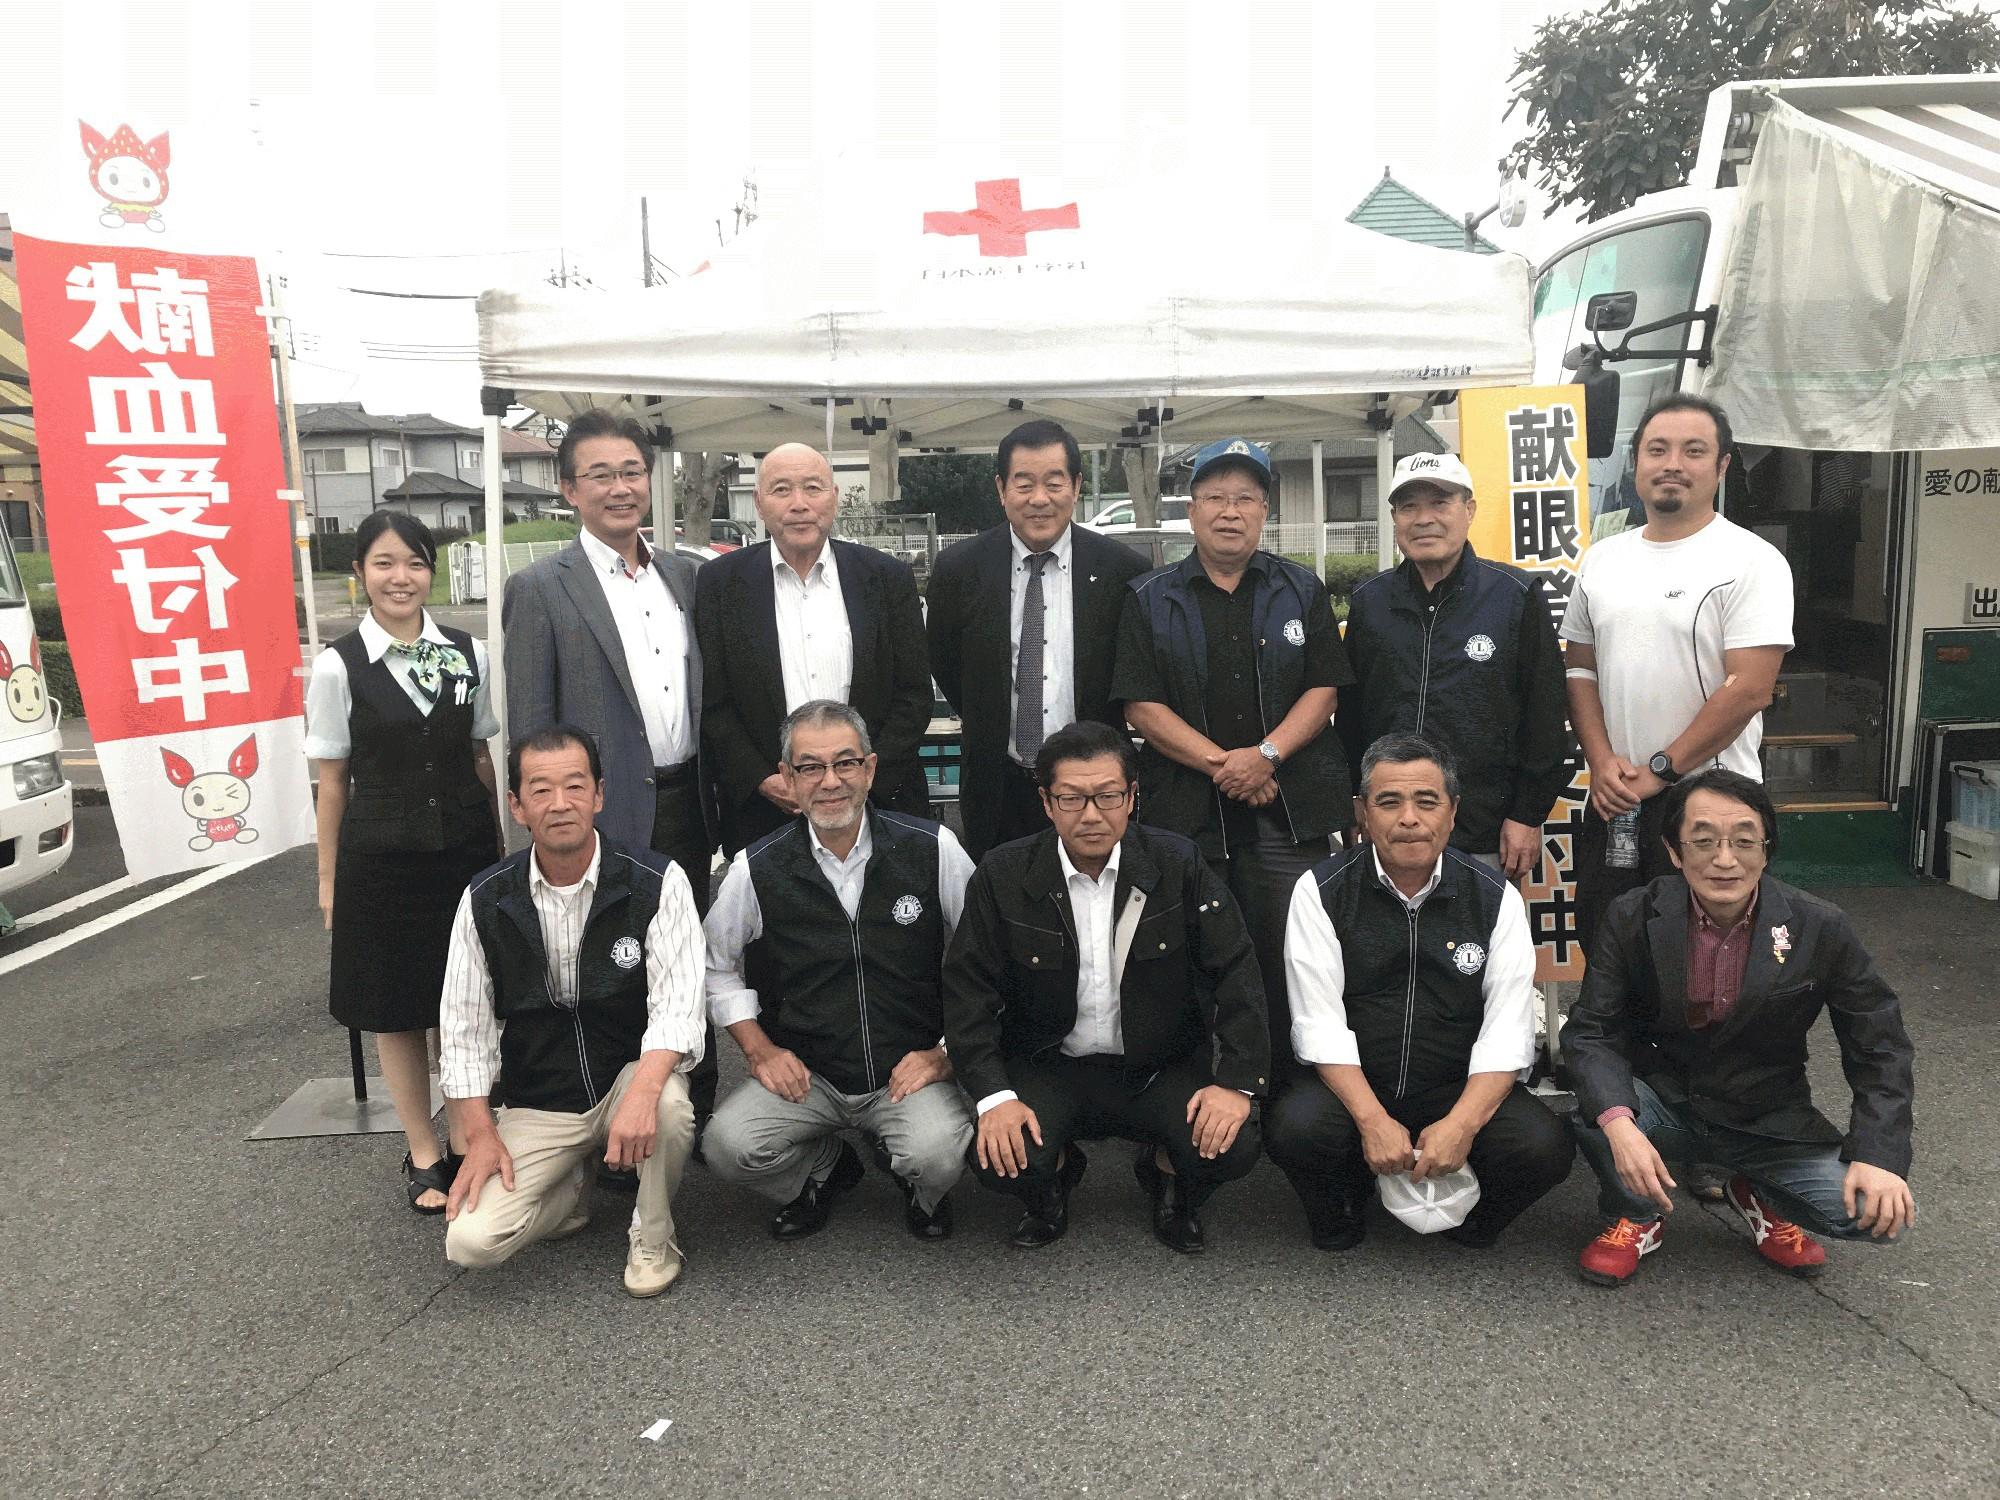 2018-10-4  献血活動INかましん自治医大